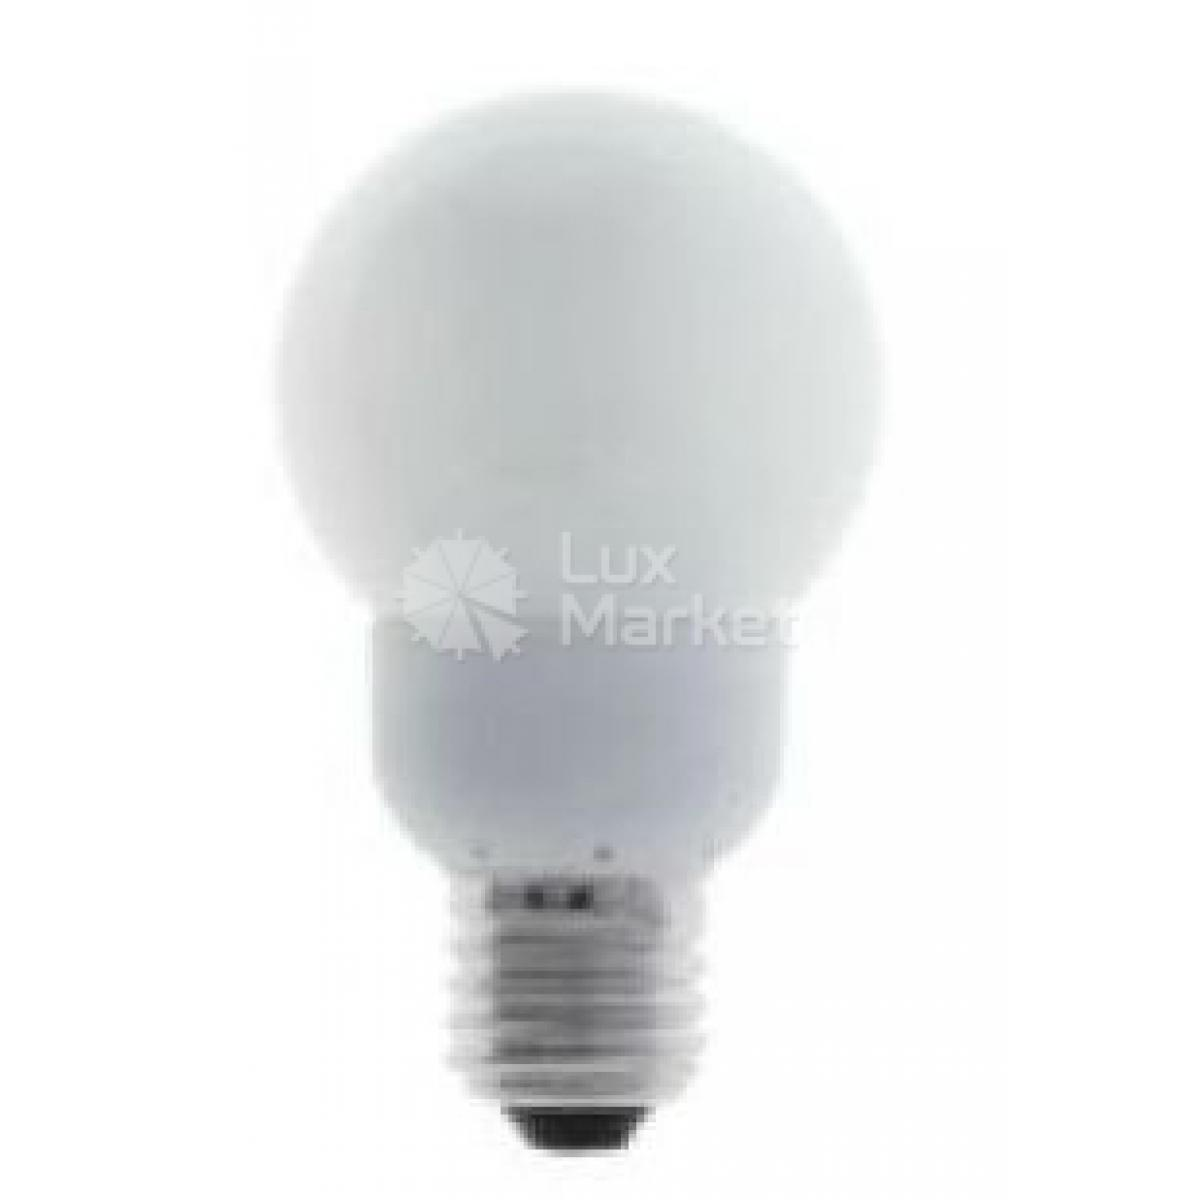 światło LED, diody LED, żarówki LED, oświetlenie LED